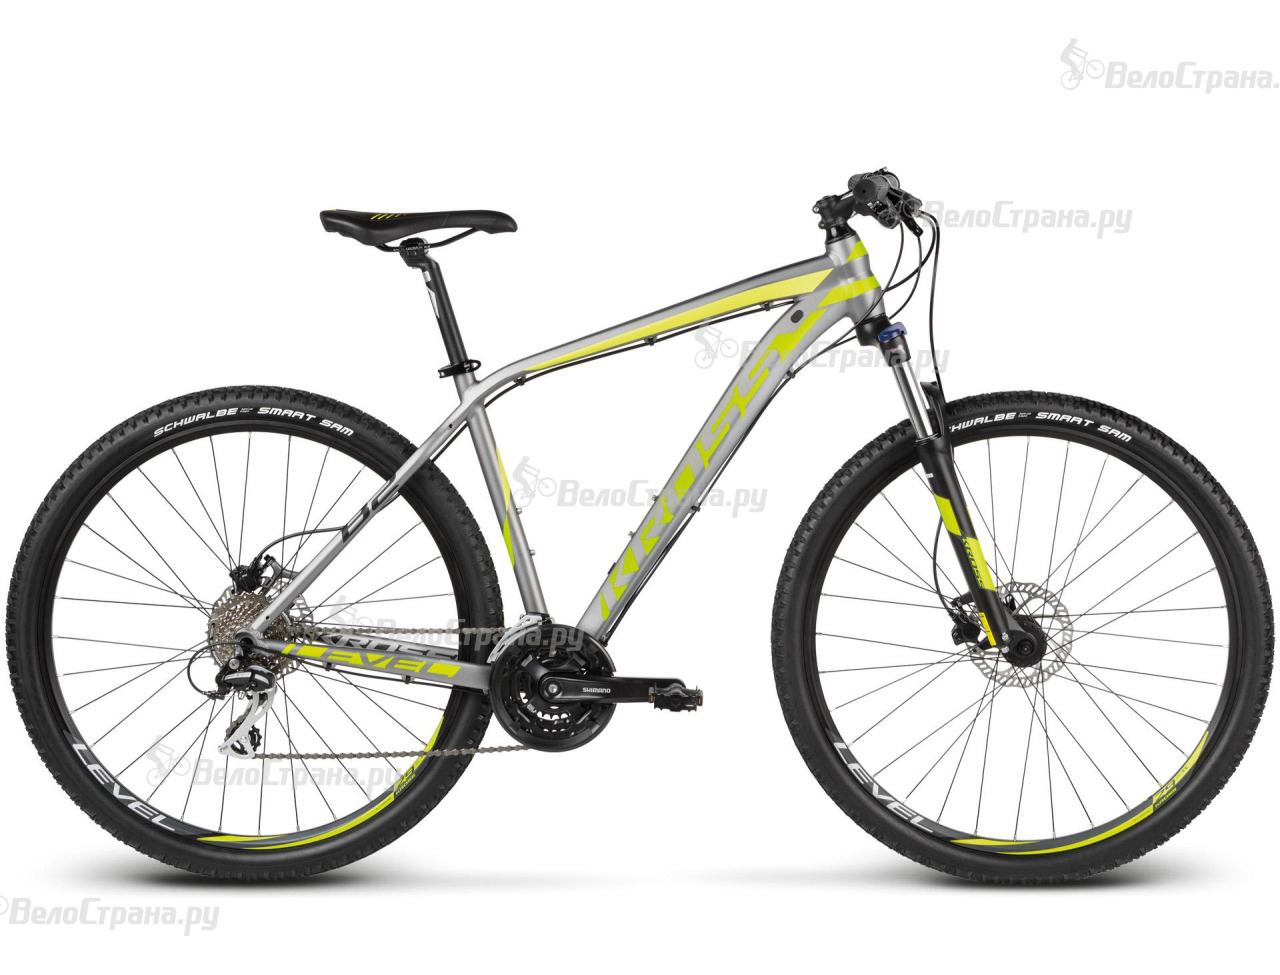 Велосипед Kross Level B2 (2017) free shipping new dz3600s17k3 b2 dz3600s17k3 b2 dz3600s17k3 b2 power module